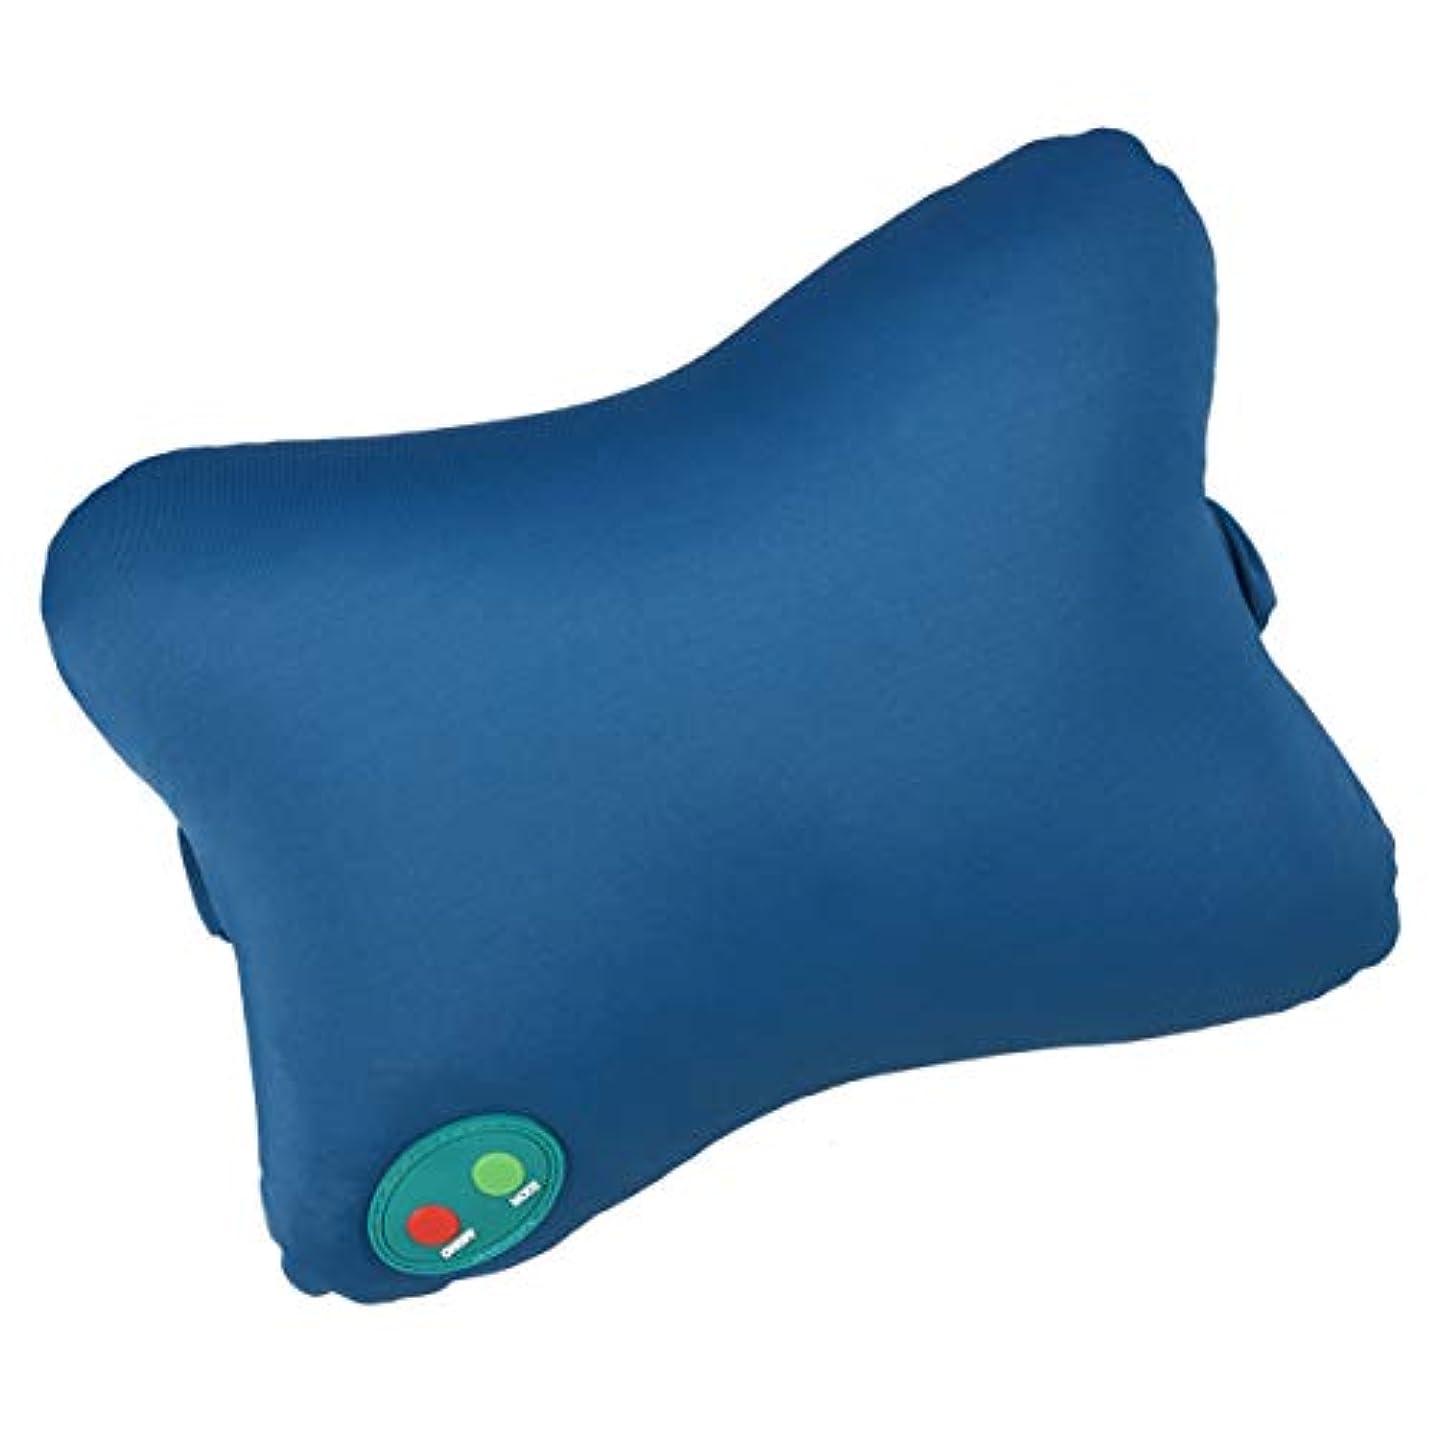 十分です続ける独創的SUPVOX マッサージ枕ポータブルマッサージャー首背中肩腕脚軽量ホームオフィスカー